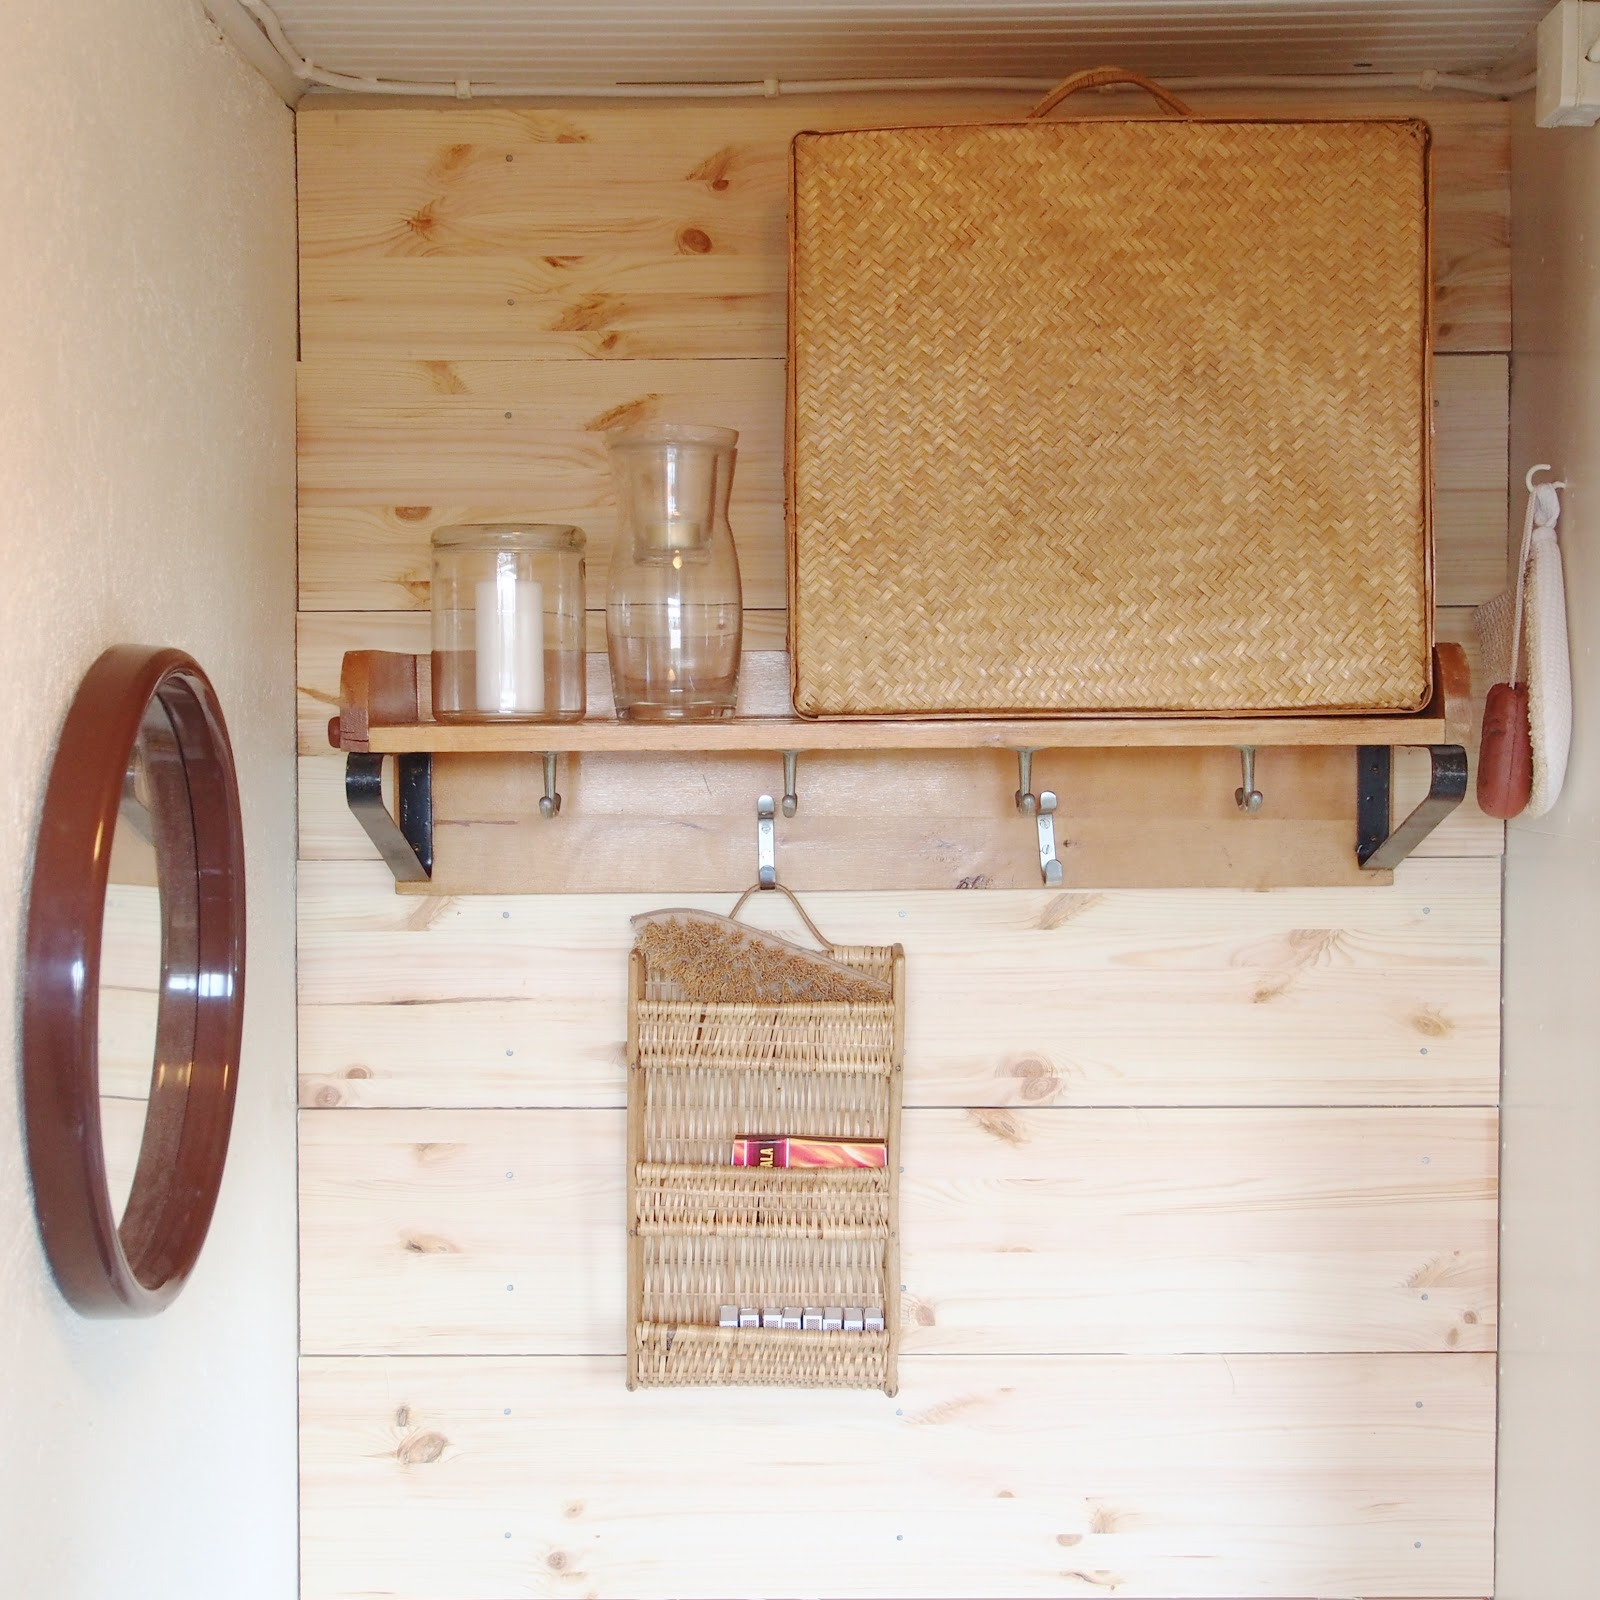 Pieni pukuhuone. Saunan pukuhuone sisustus. Mökin pukuhuoneen kalusteet. Pihausauna. Mökkisauna. Pukuhuone ideoita.